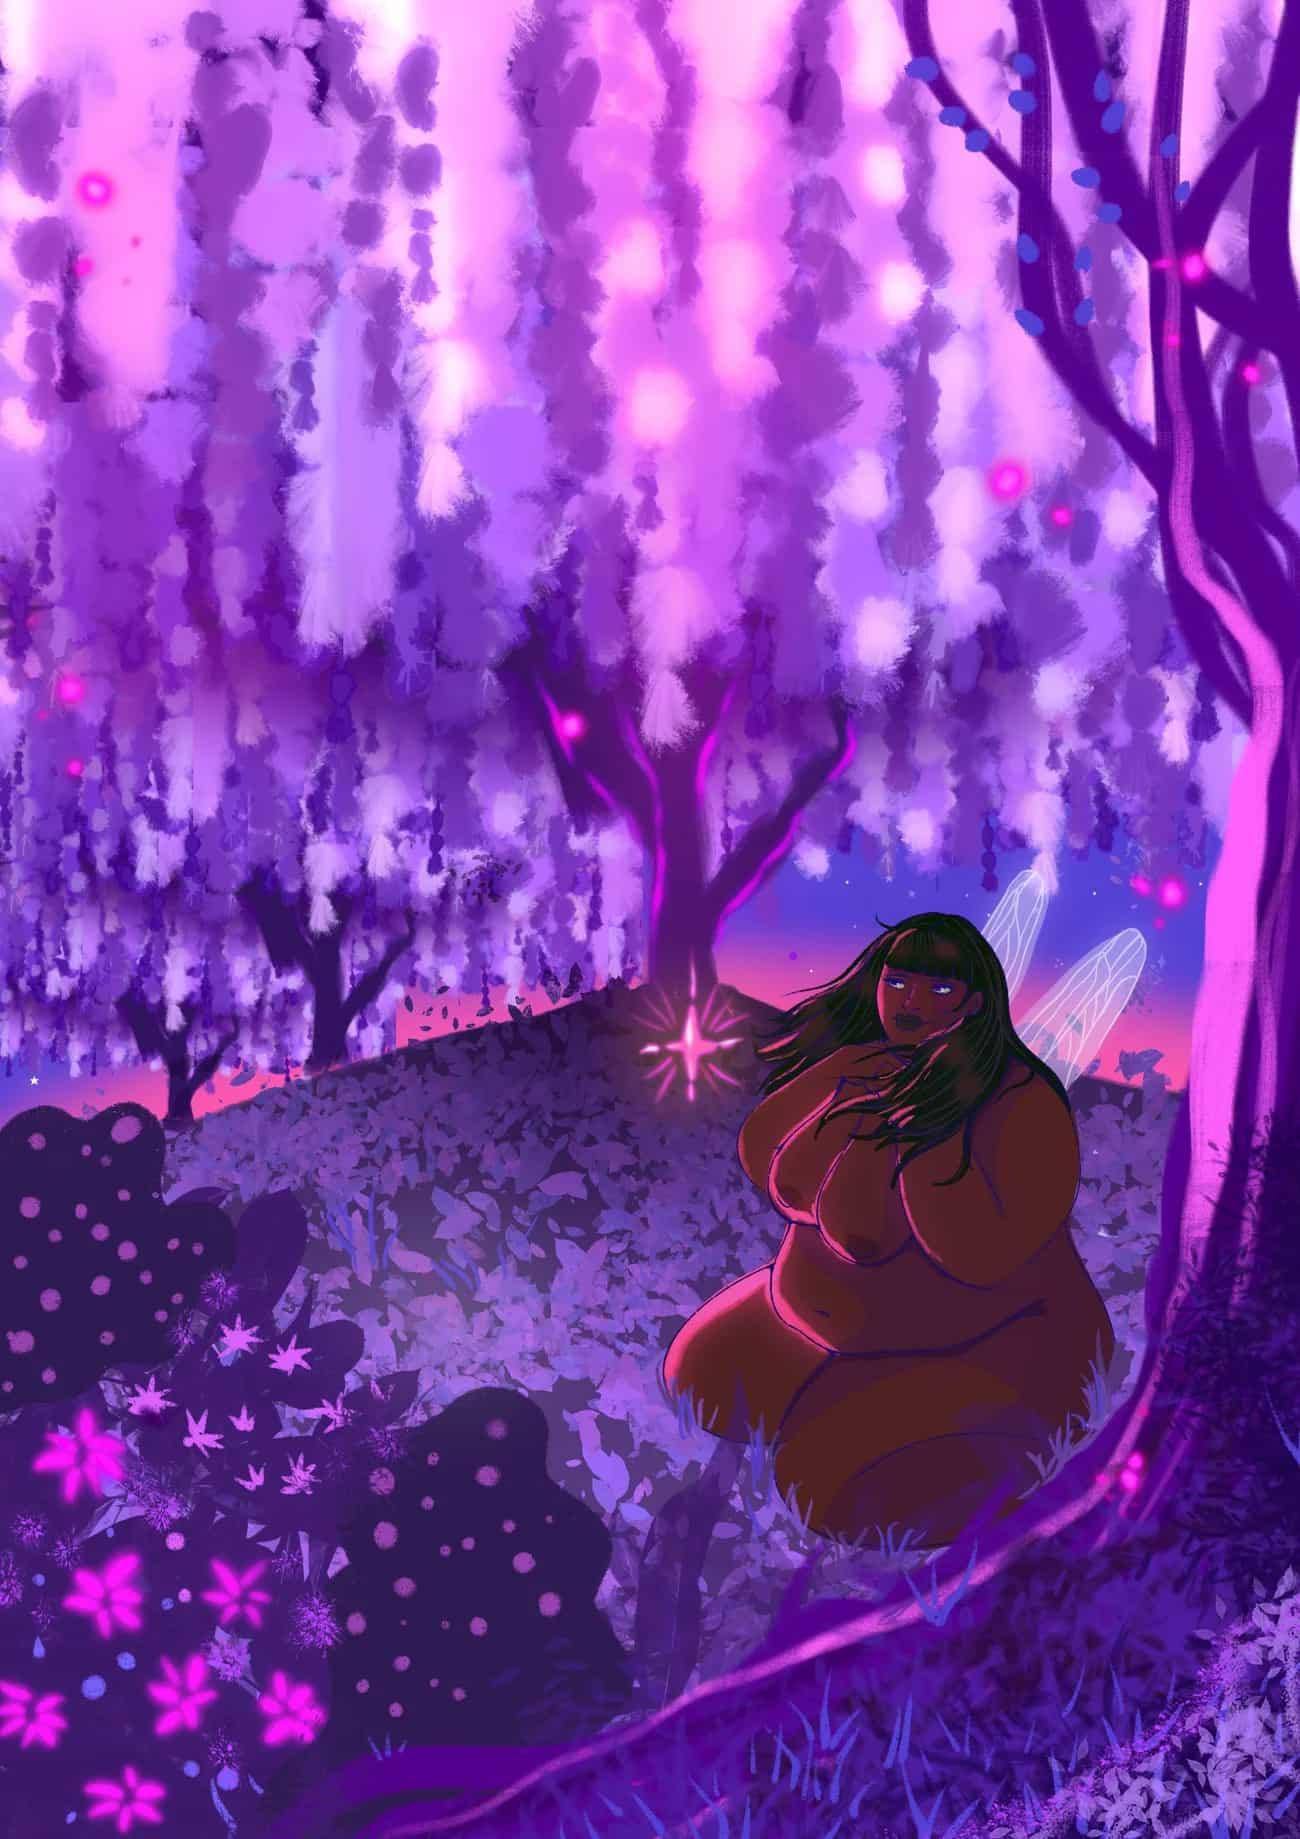 katydid these purple fairy